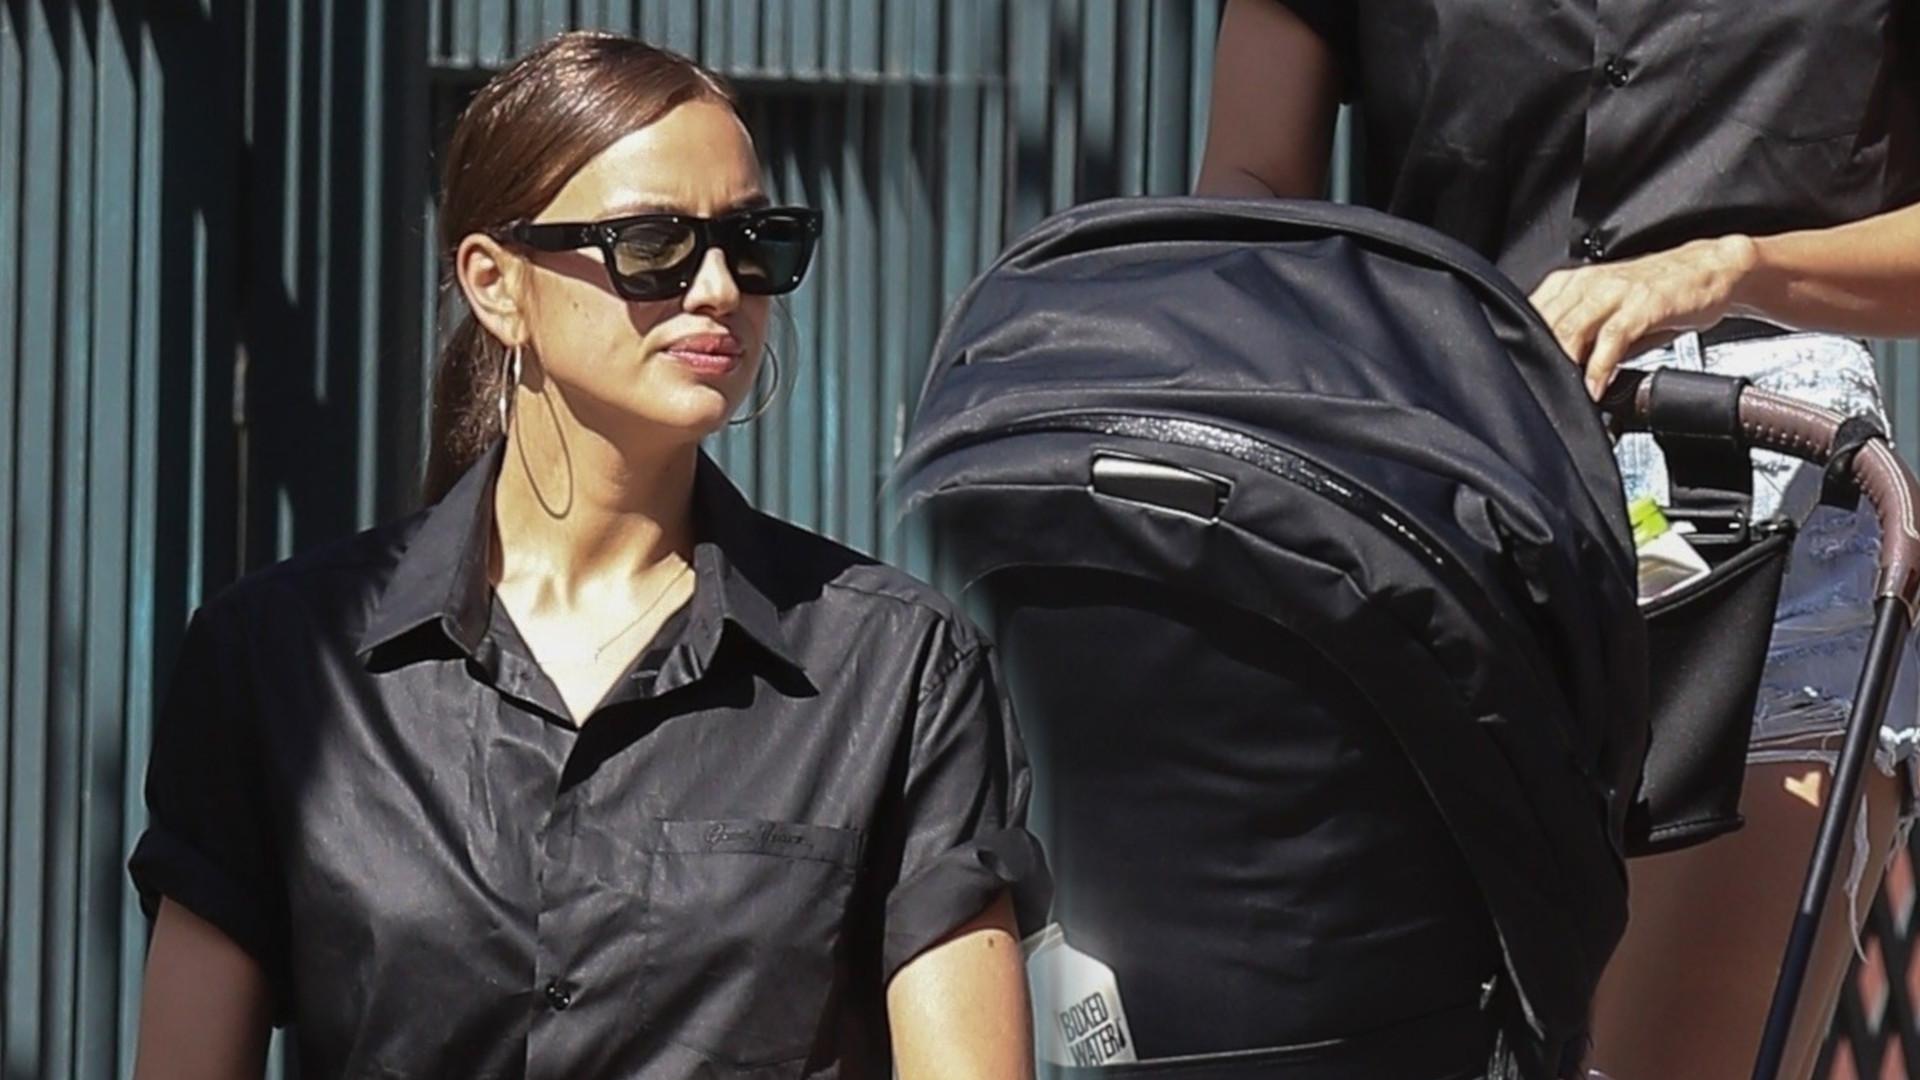 Irina Shayk na spacerze z córką, ale nie sama – ta osoba pomaga jej odkąd rozstała się z Bradleyem Cooperem (ZDJĘCIA)